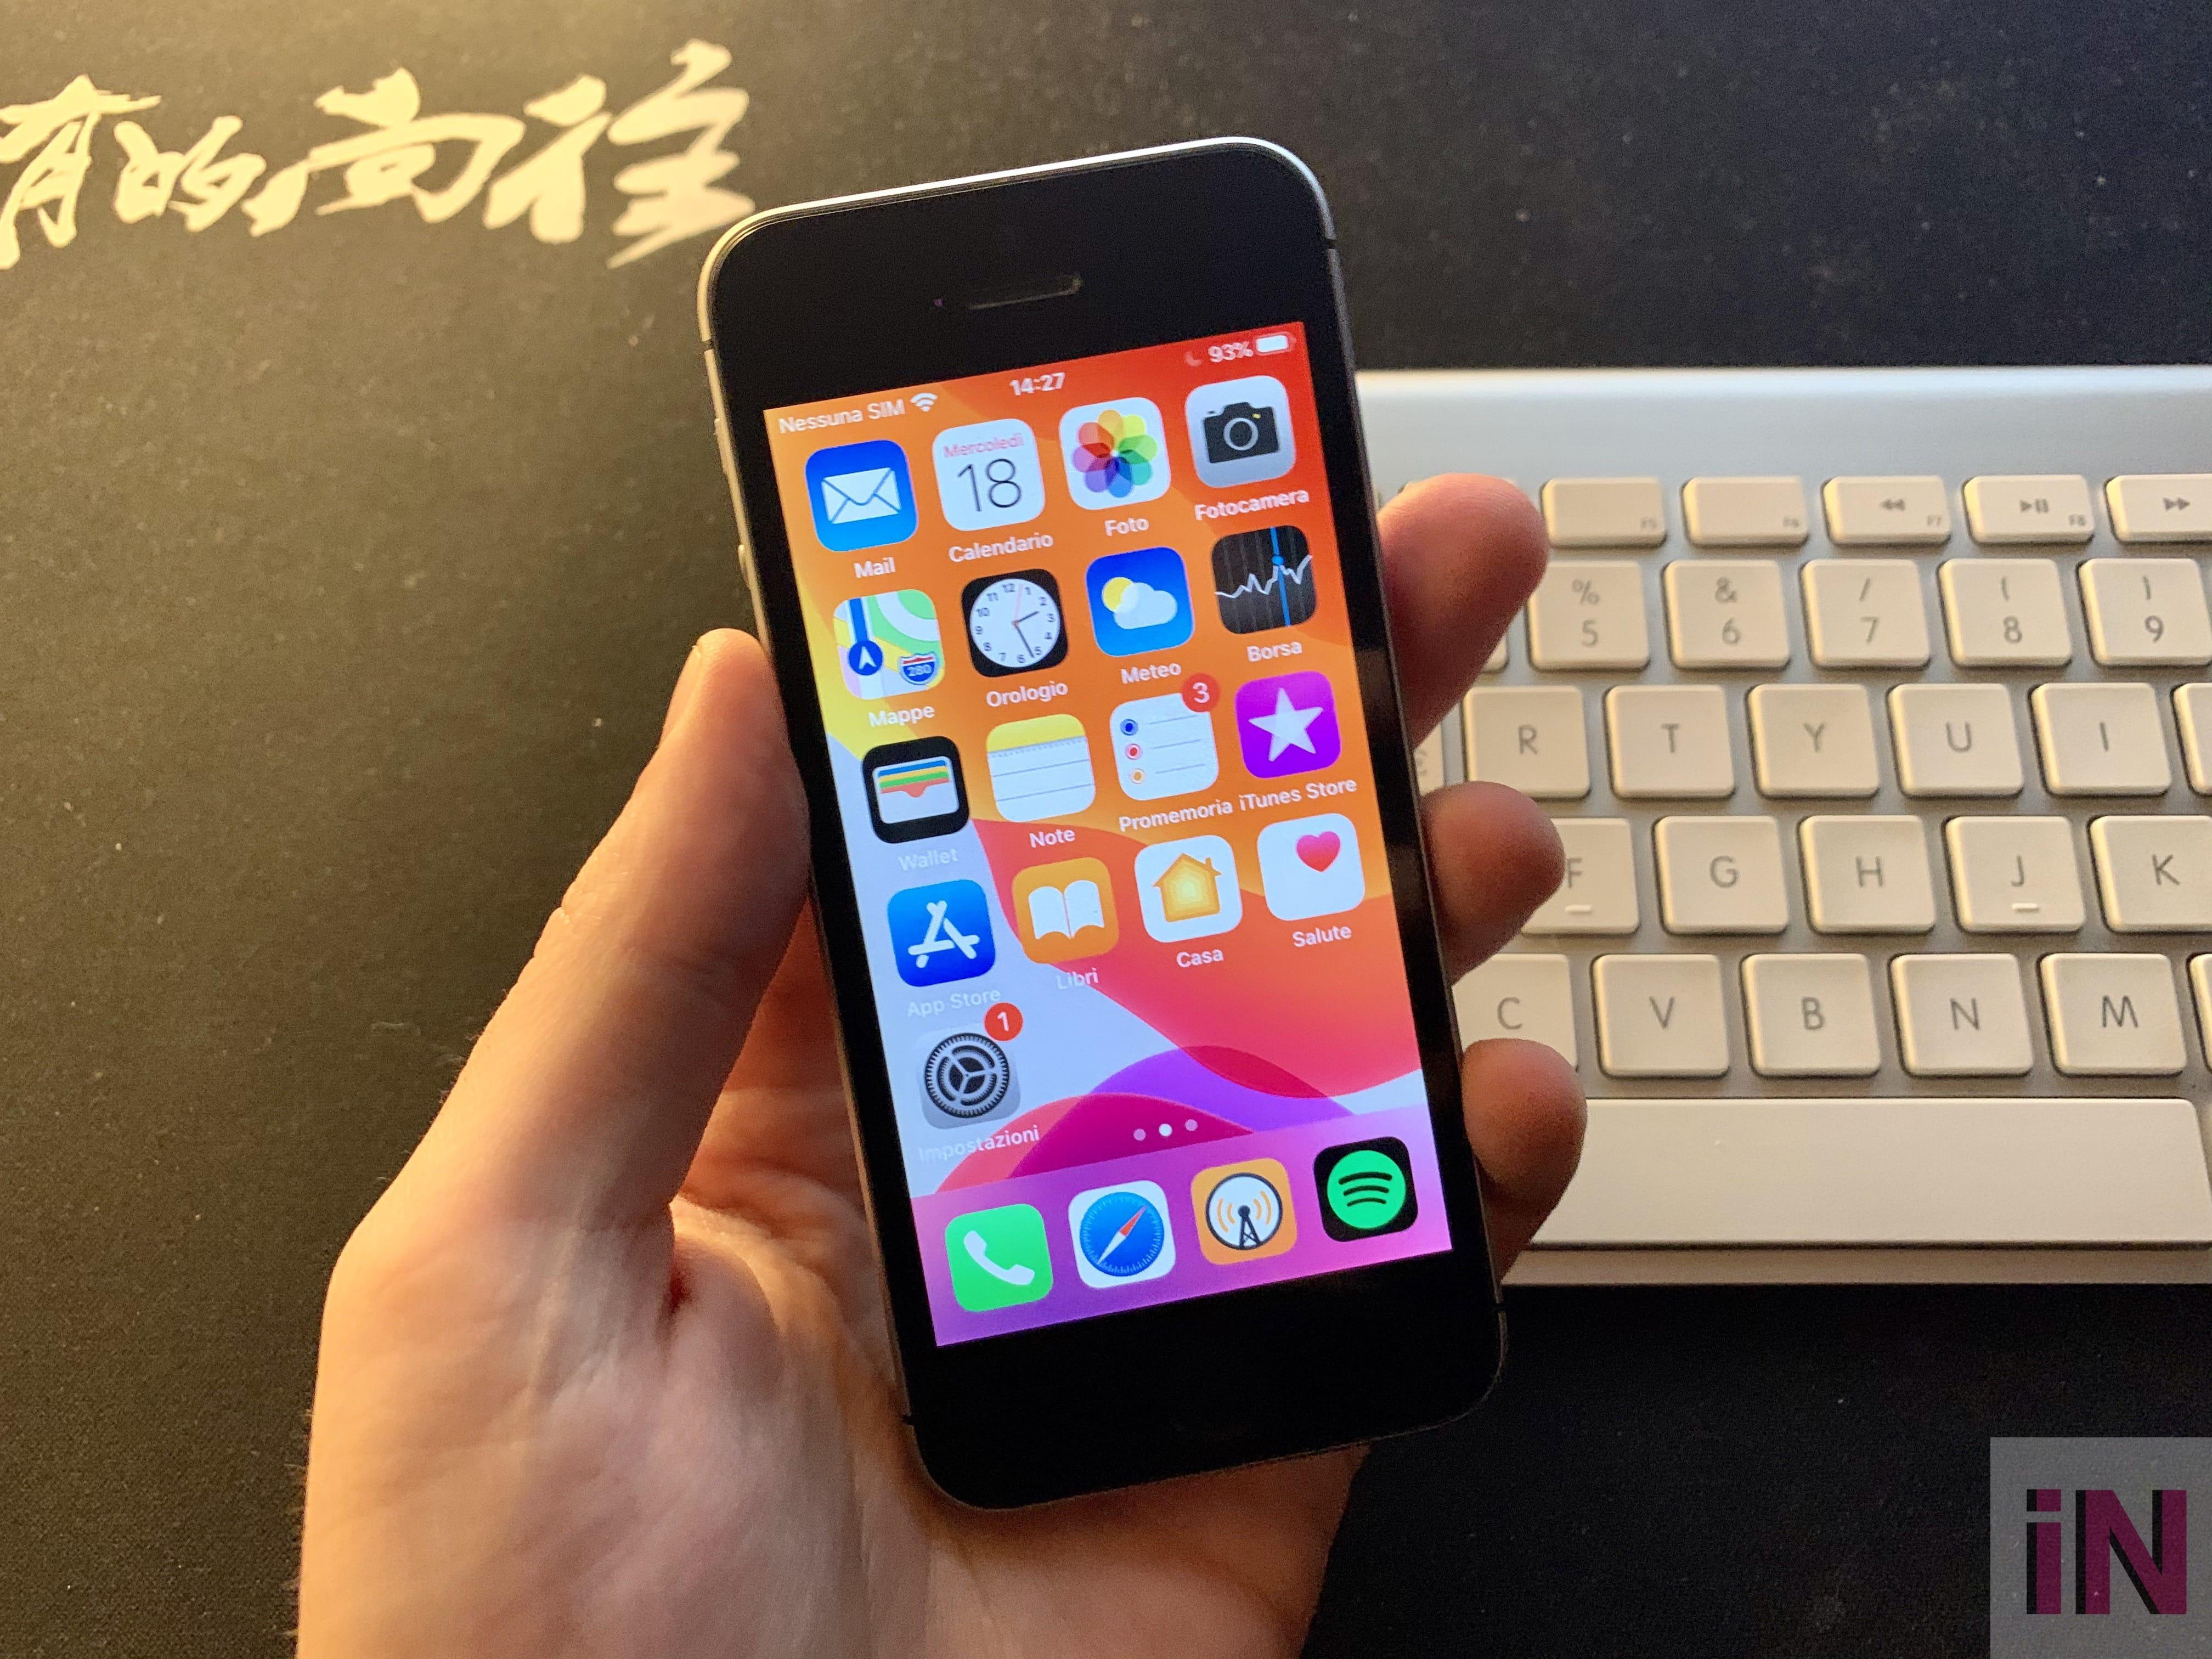 iPhone SE 16 GB a fine 2019, come va?